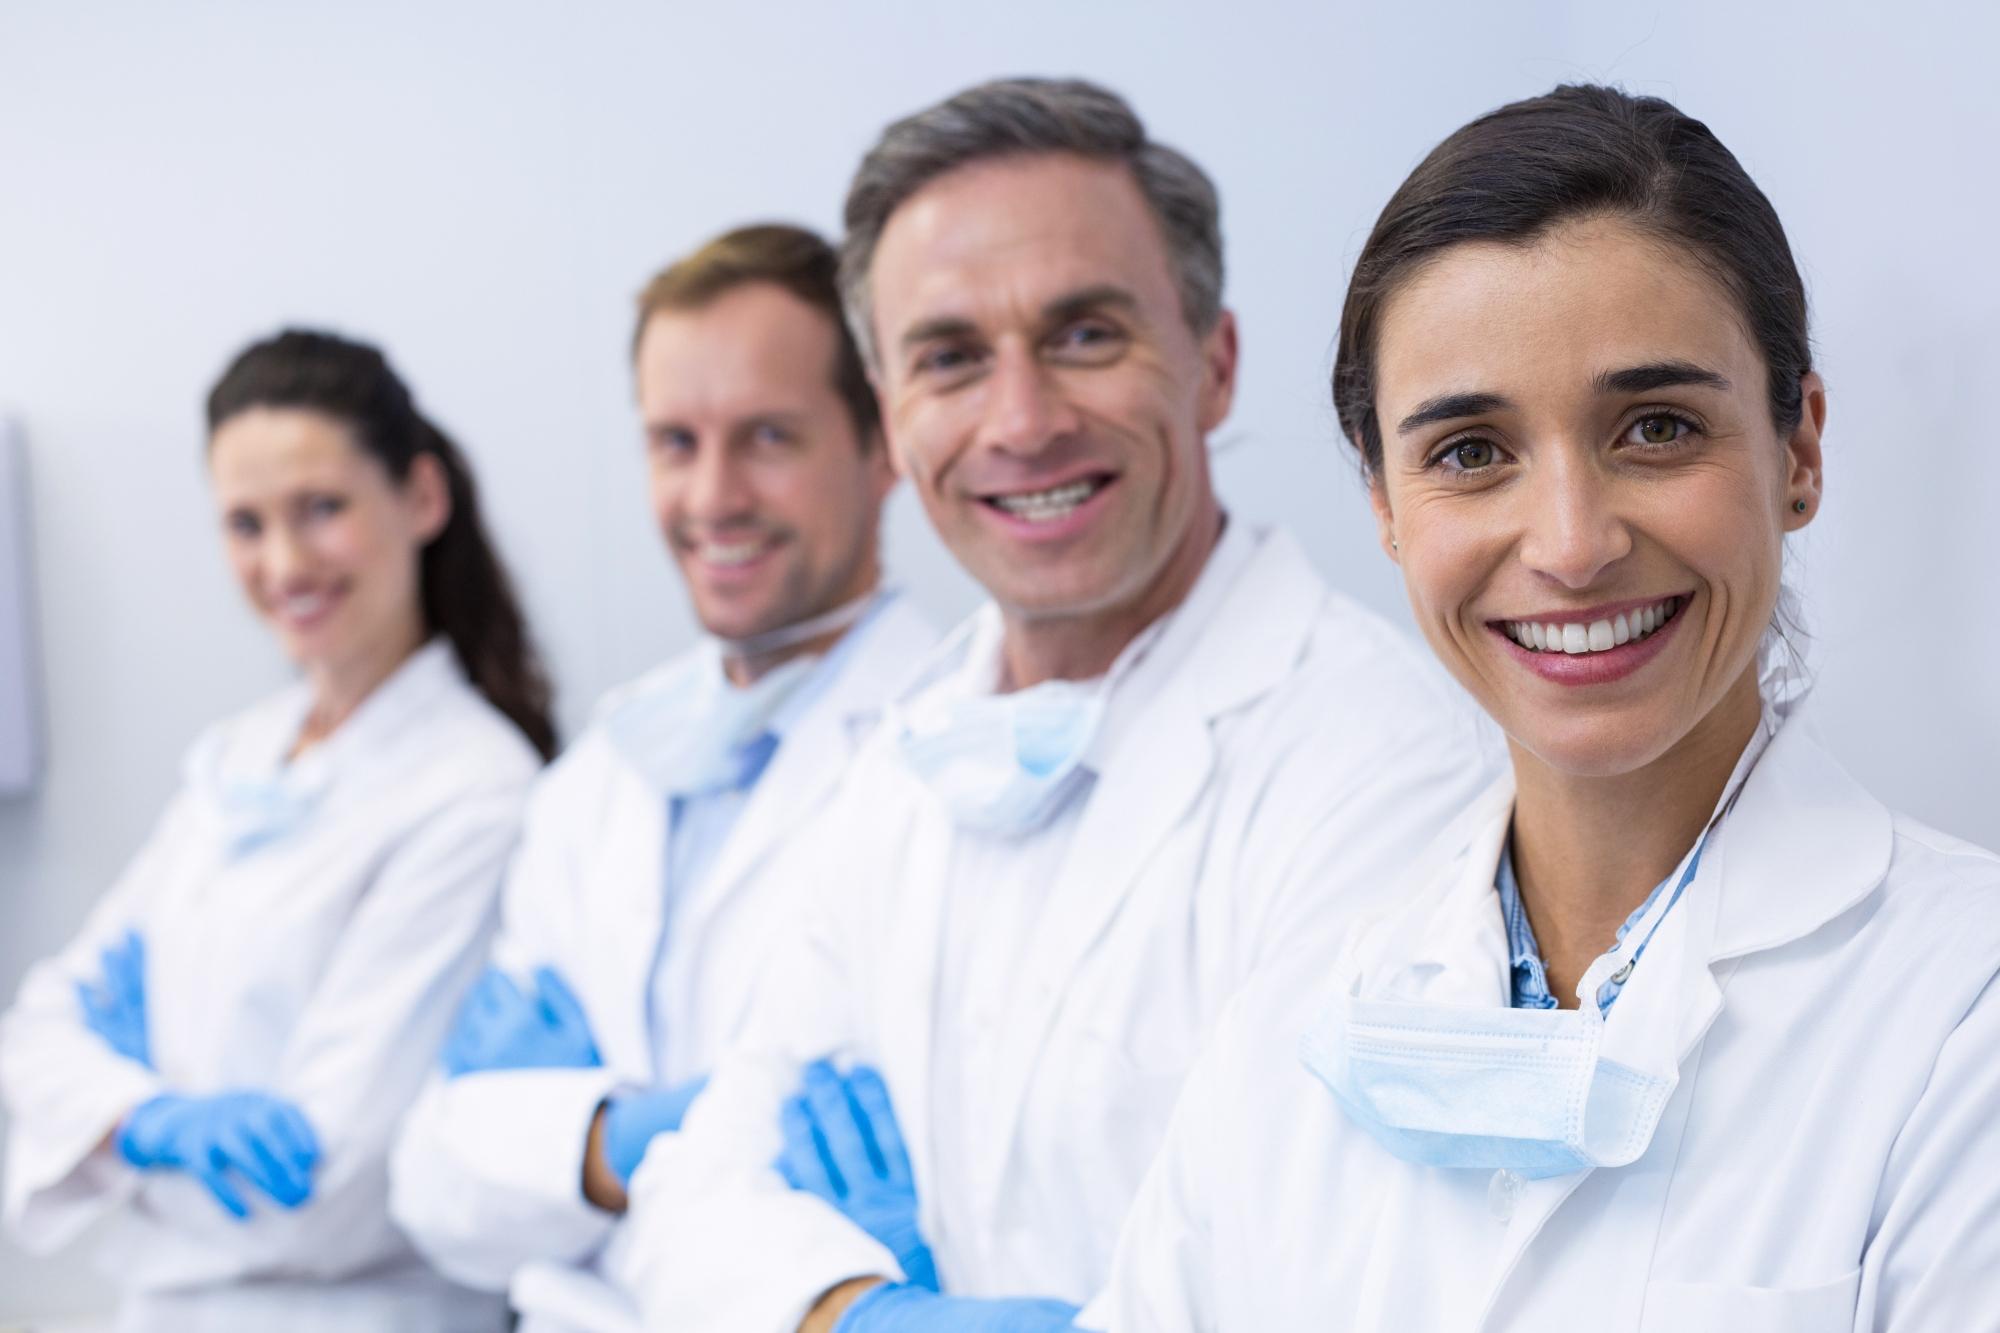 Handling conflict between dental staff